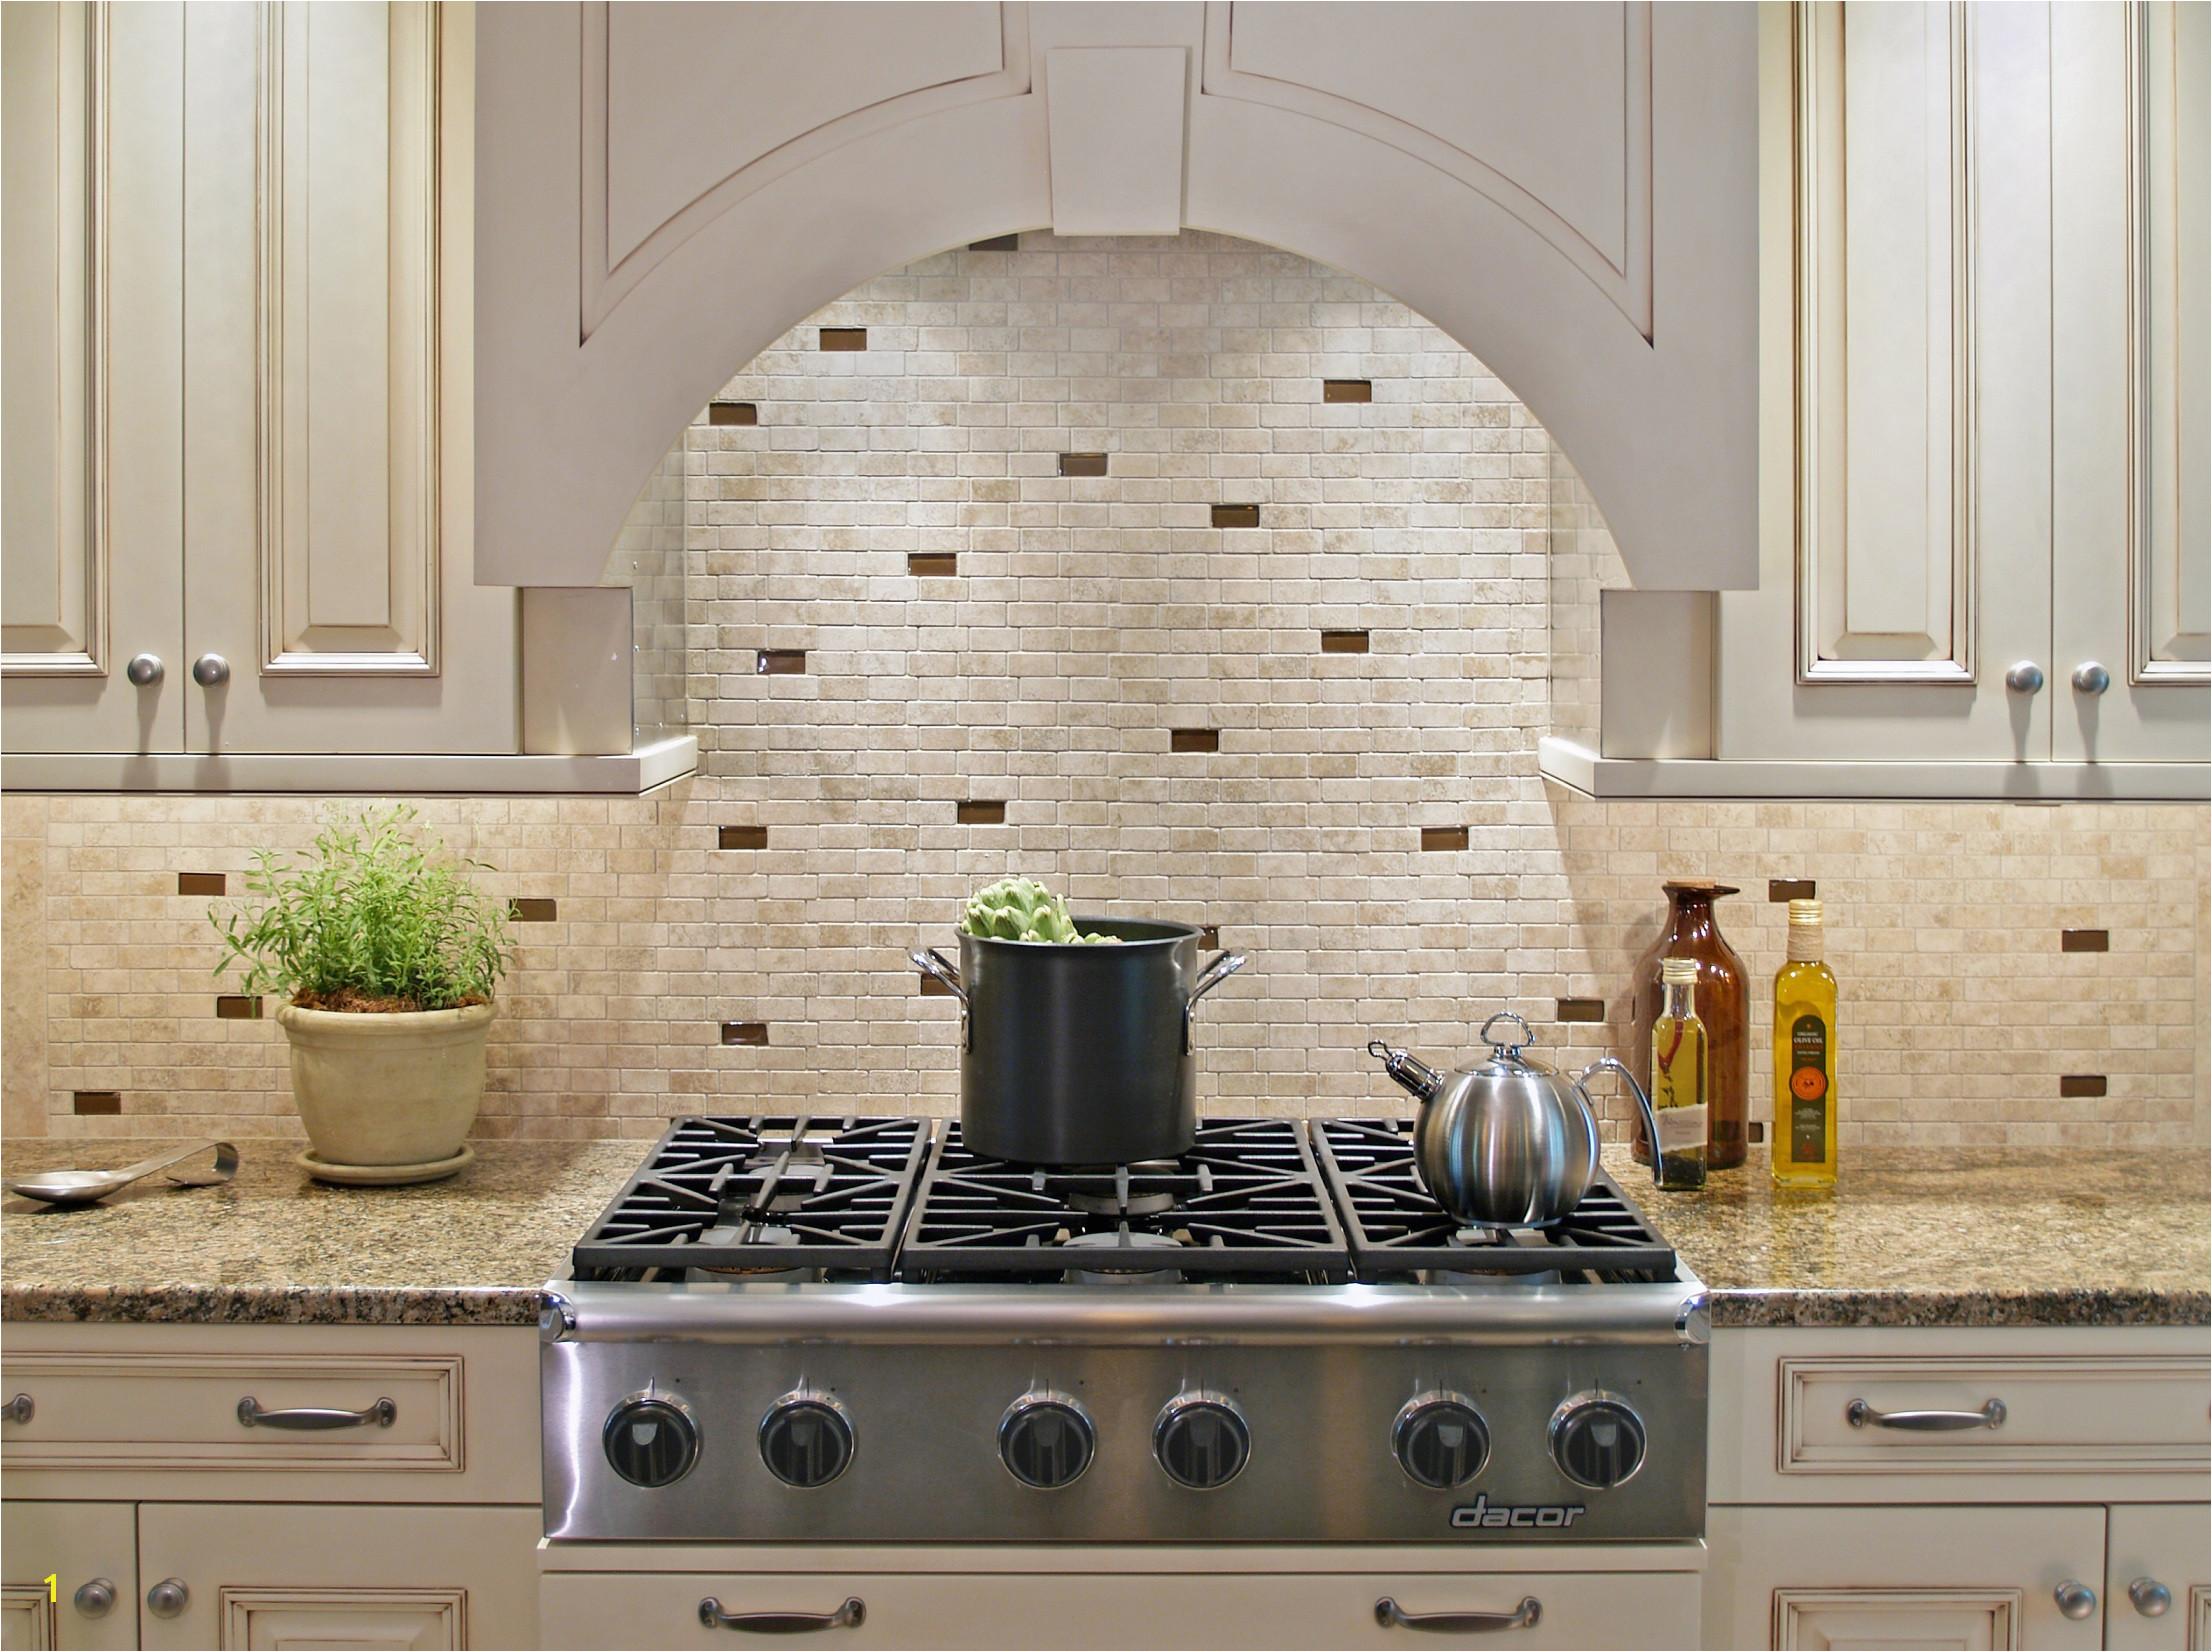 Italian Tile Backsplash Ideas Kitchen Murals Italian Mosaic Tile Italian Tile Backsplash Ideas Kitchen Murals Italian Mosaic Tile